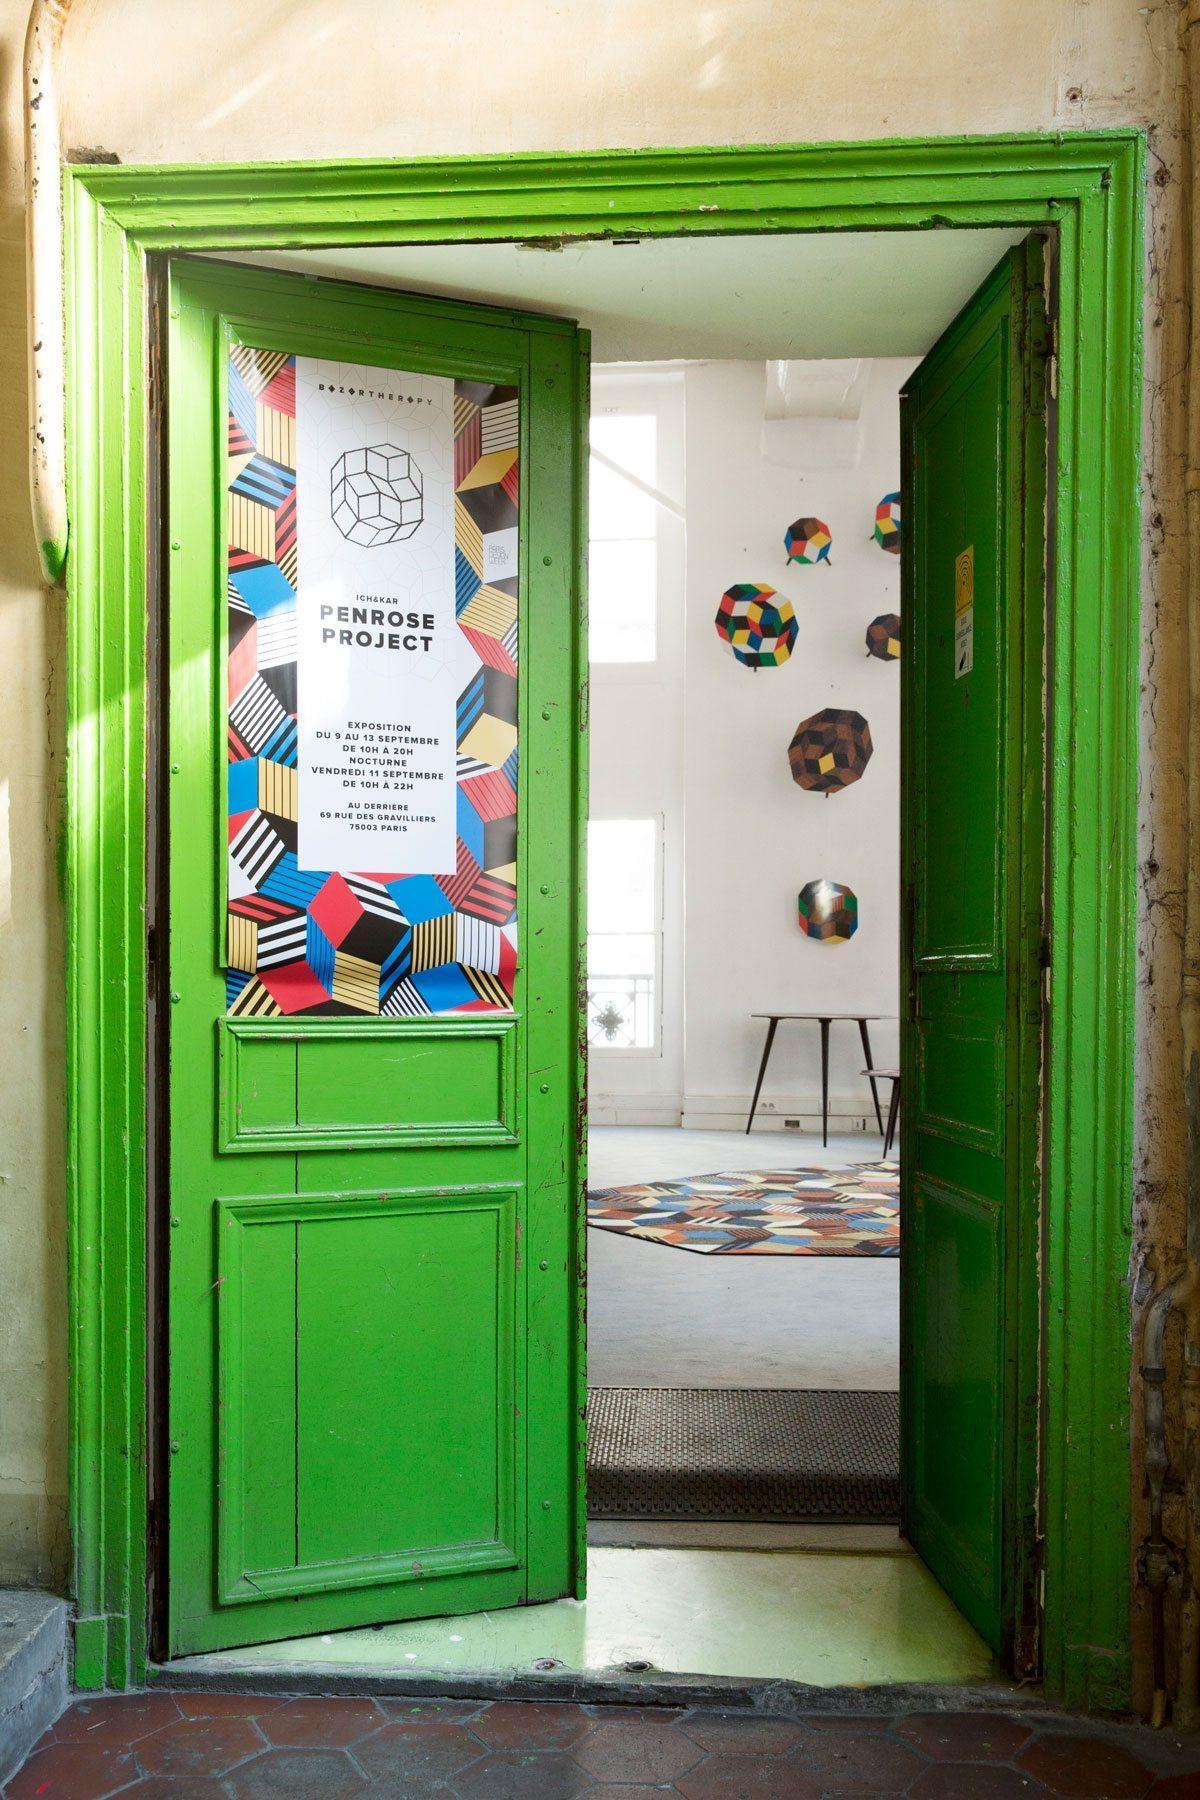 Exposition Penrose Project ouverture, Ich&Kar - Bazartherapy, Paris Design Week 2015, restaurant Le Derrière